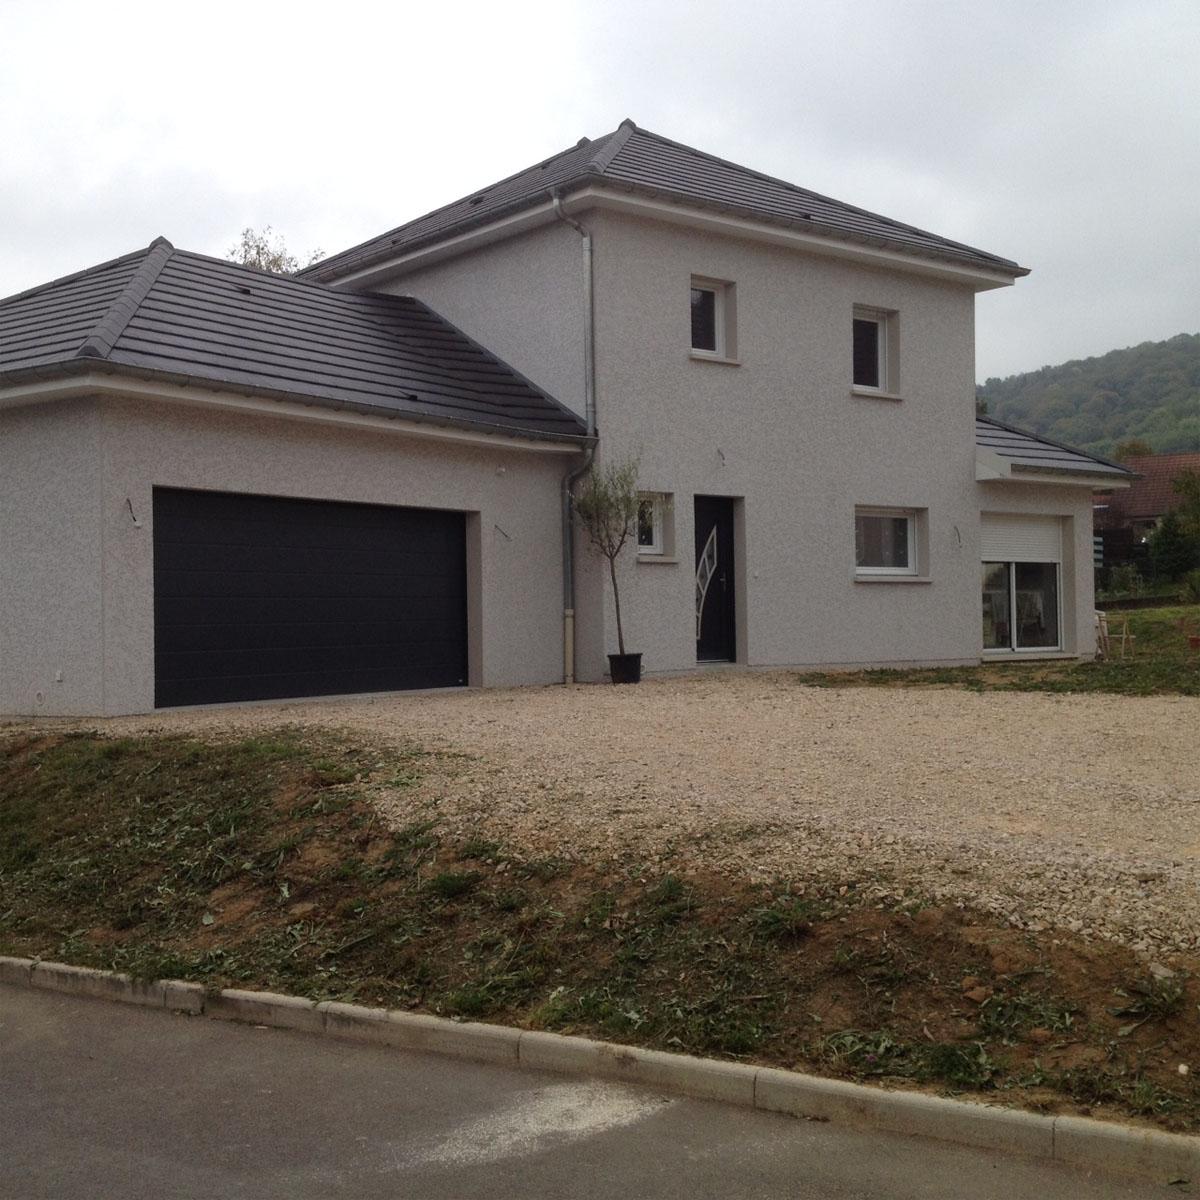 Constructeur De Maisons Individuelles Besançon Franche